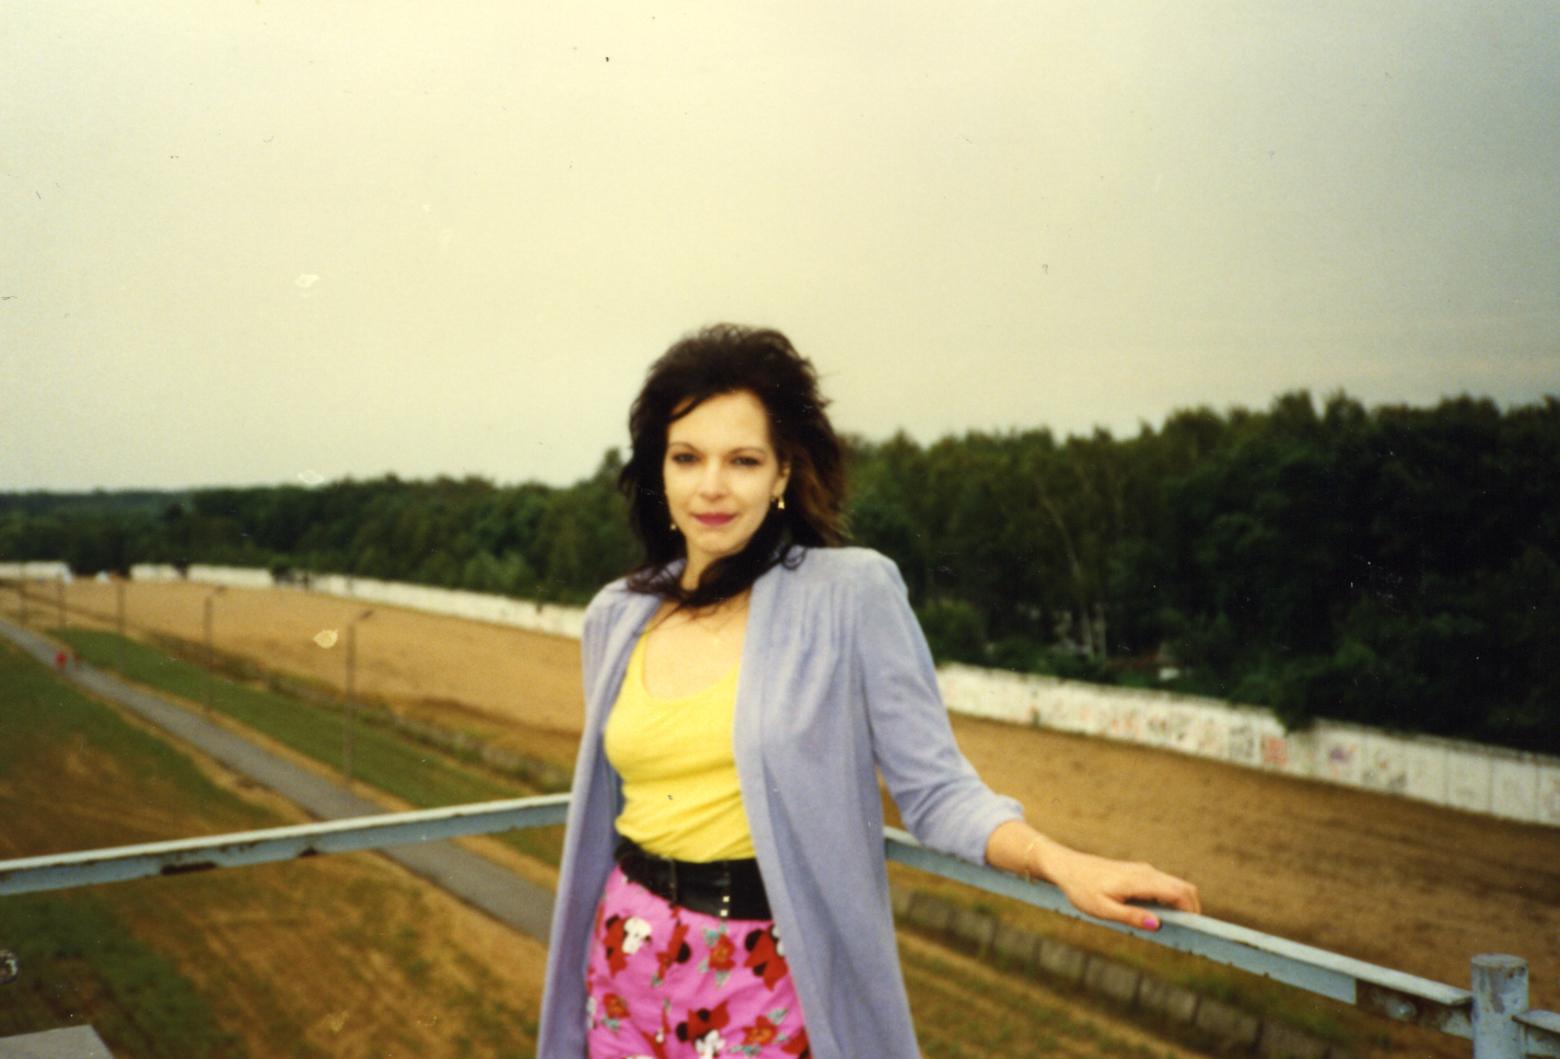 Geschichte wird gemacht: Eine junge Frau posiert vor dem Grenzstreifen der Berliner Mauer bei Gatow, August 1990. Das Wissen über unsere Herkunft hilft, gesellschaftliche Zusammenhänge zu verstehen. Zeitzeugen bringen das Erlebte näher. In: Prinzip Apfelbaum. Magazin über das, was bleibt. Foto: Viola Kaffke/CC BY-NC-ND